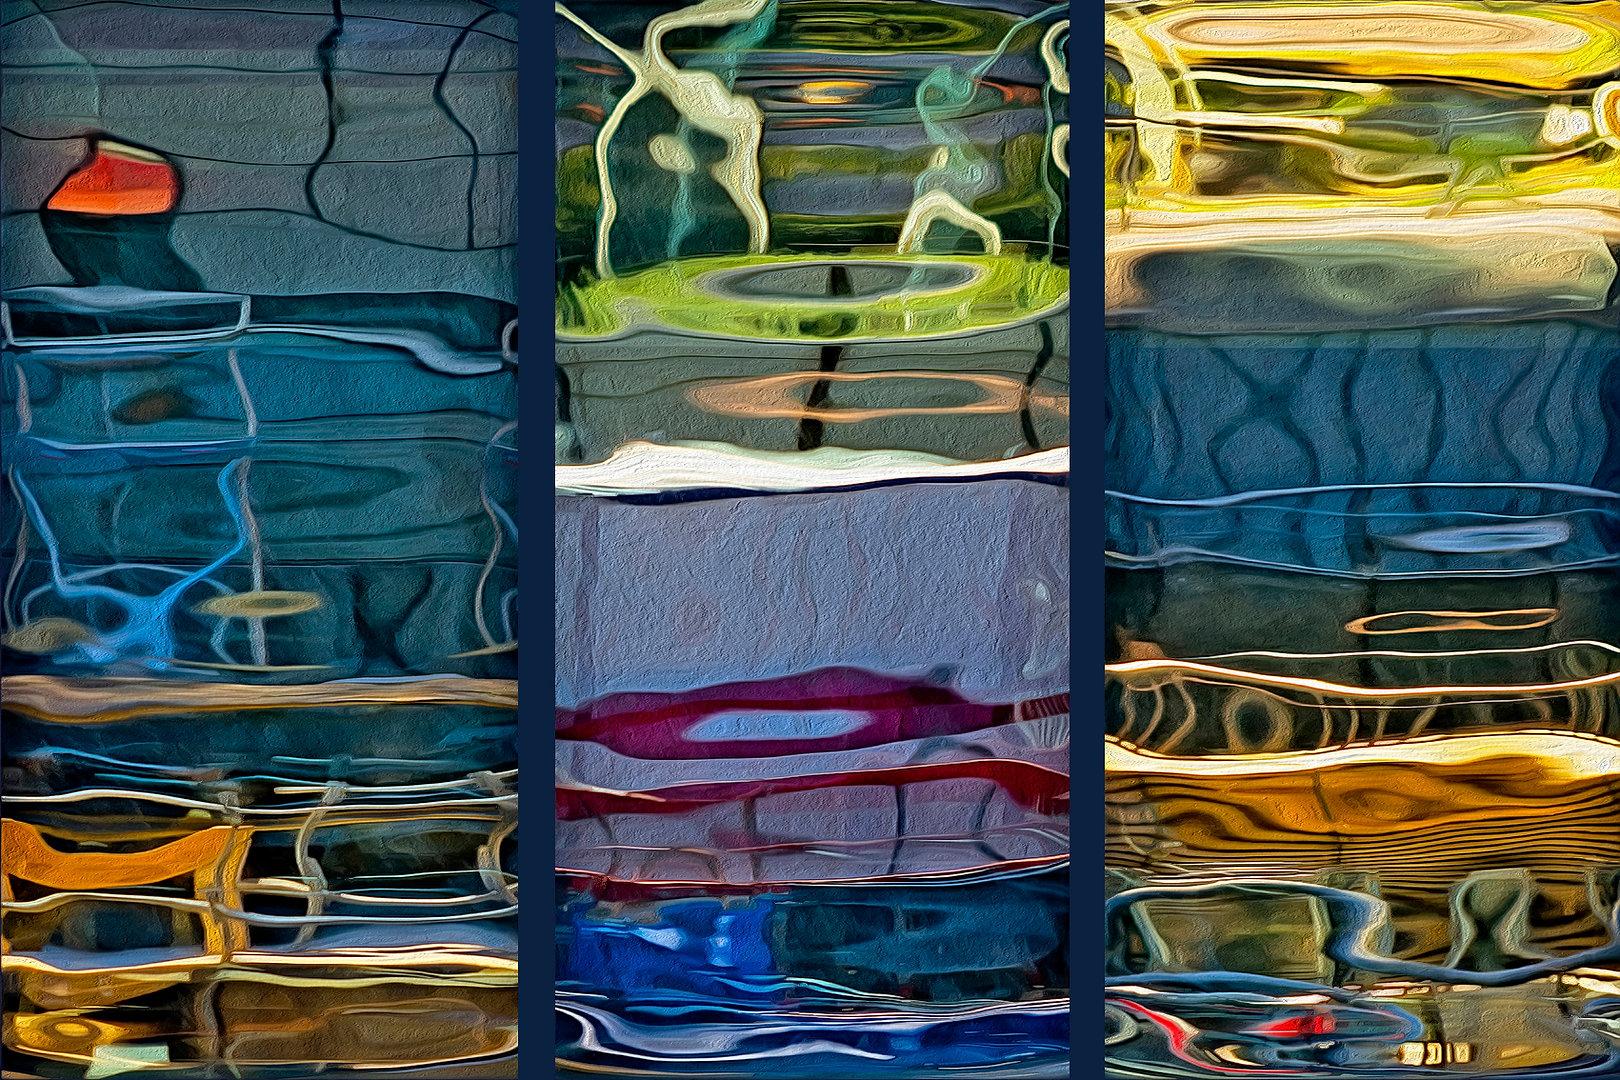 RÉFLEXION Nº 12 (triptyque)  Photographie d'art grand format par Denis Eugène Robert sur TRAGART